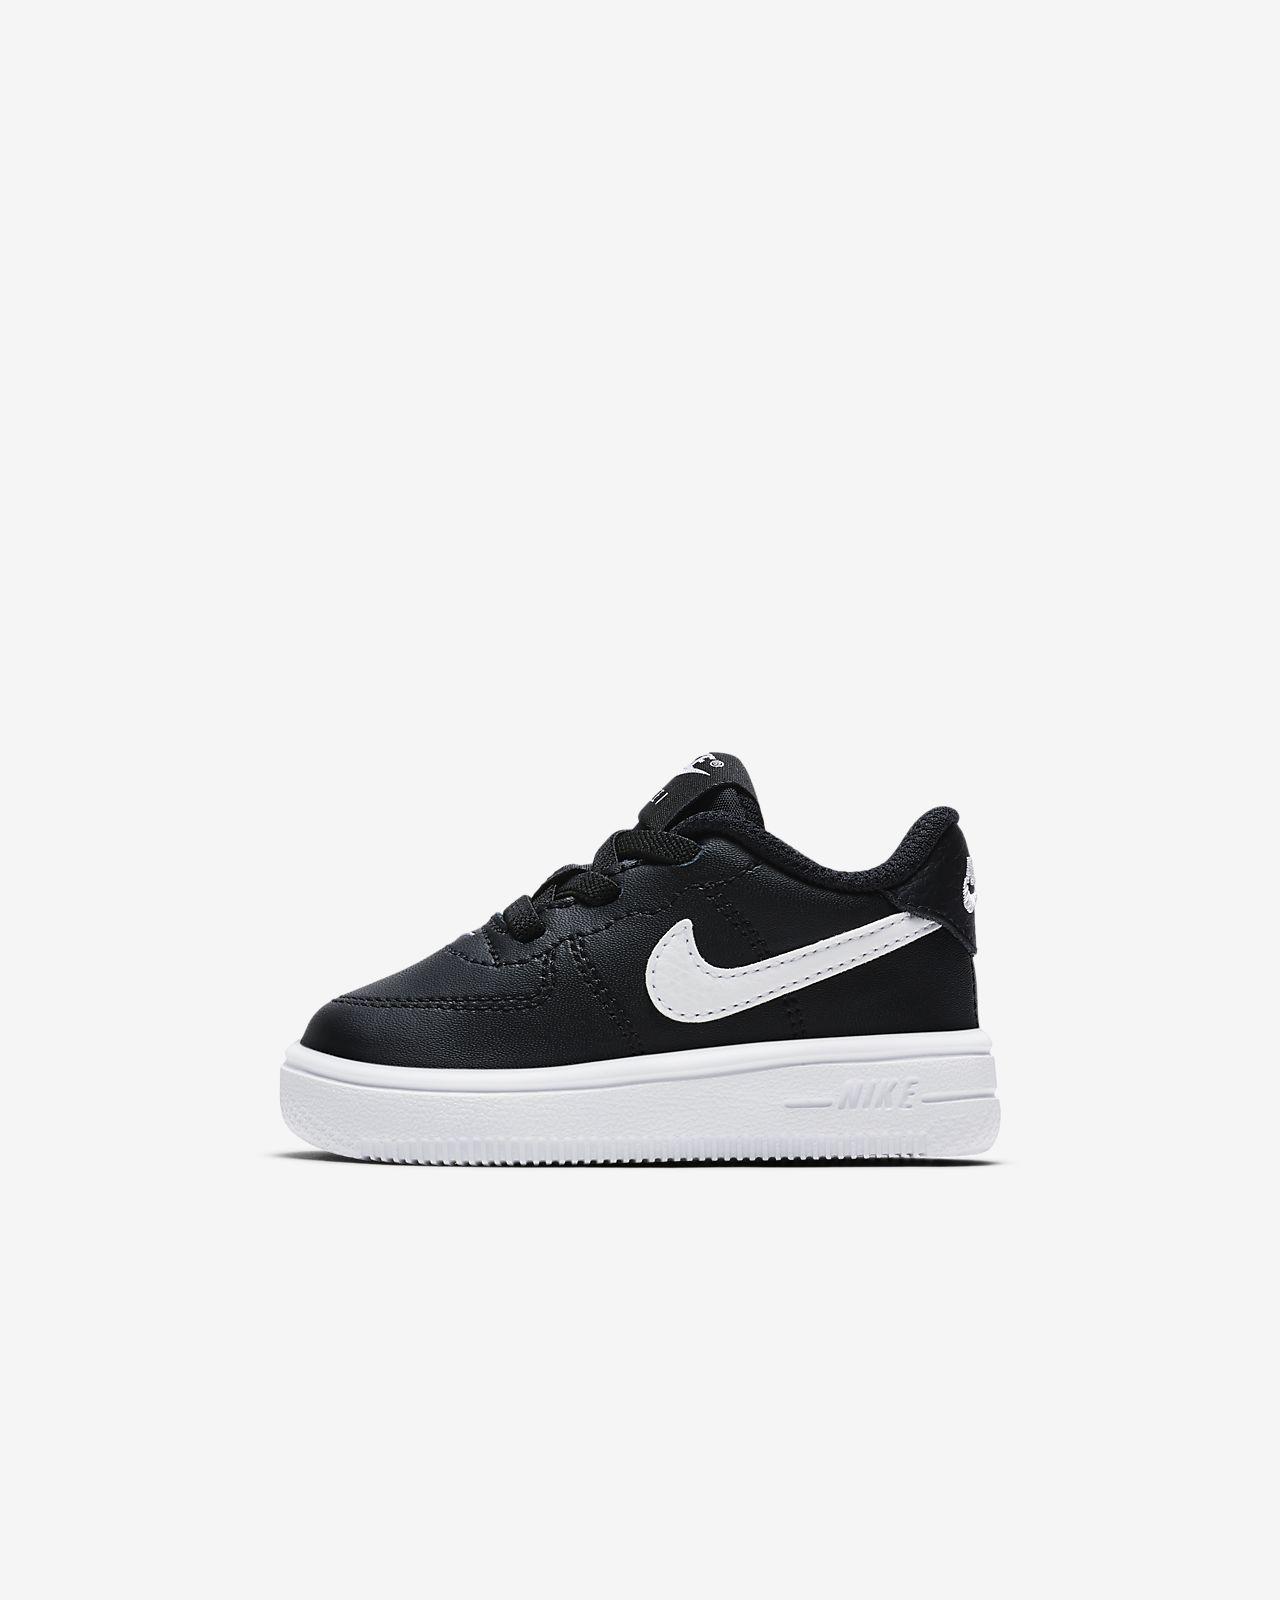 NikeForce 1 '18 (TD)婴童运动童鞋